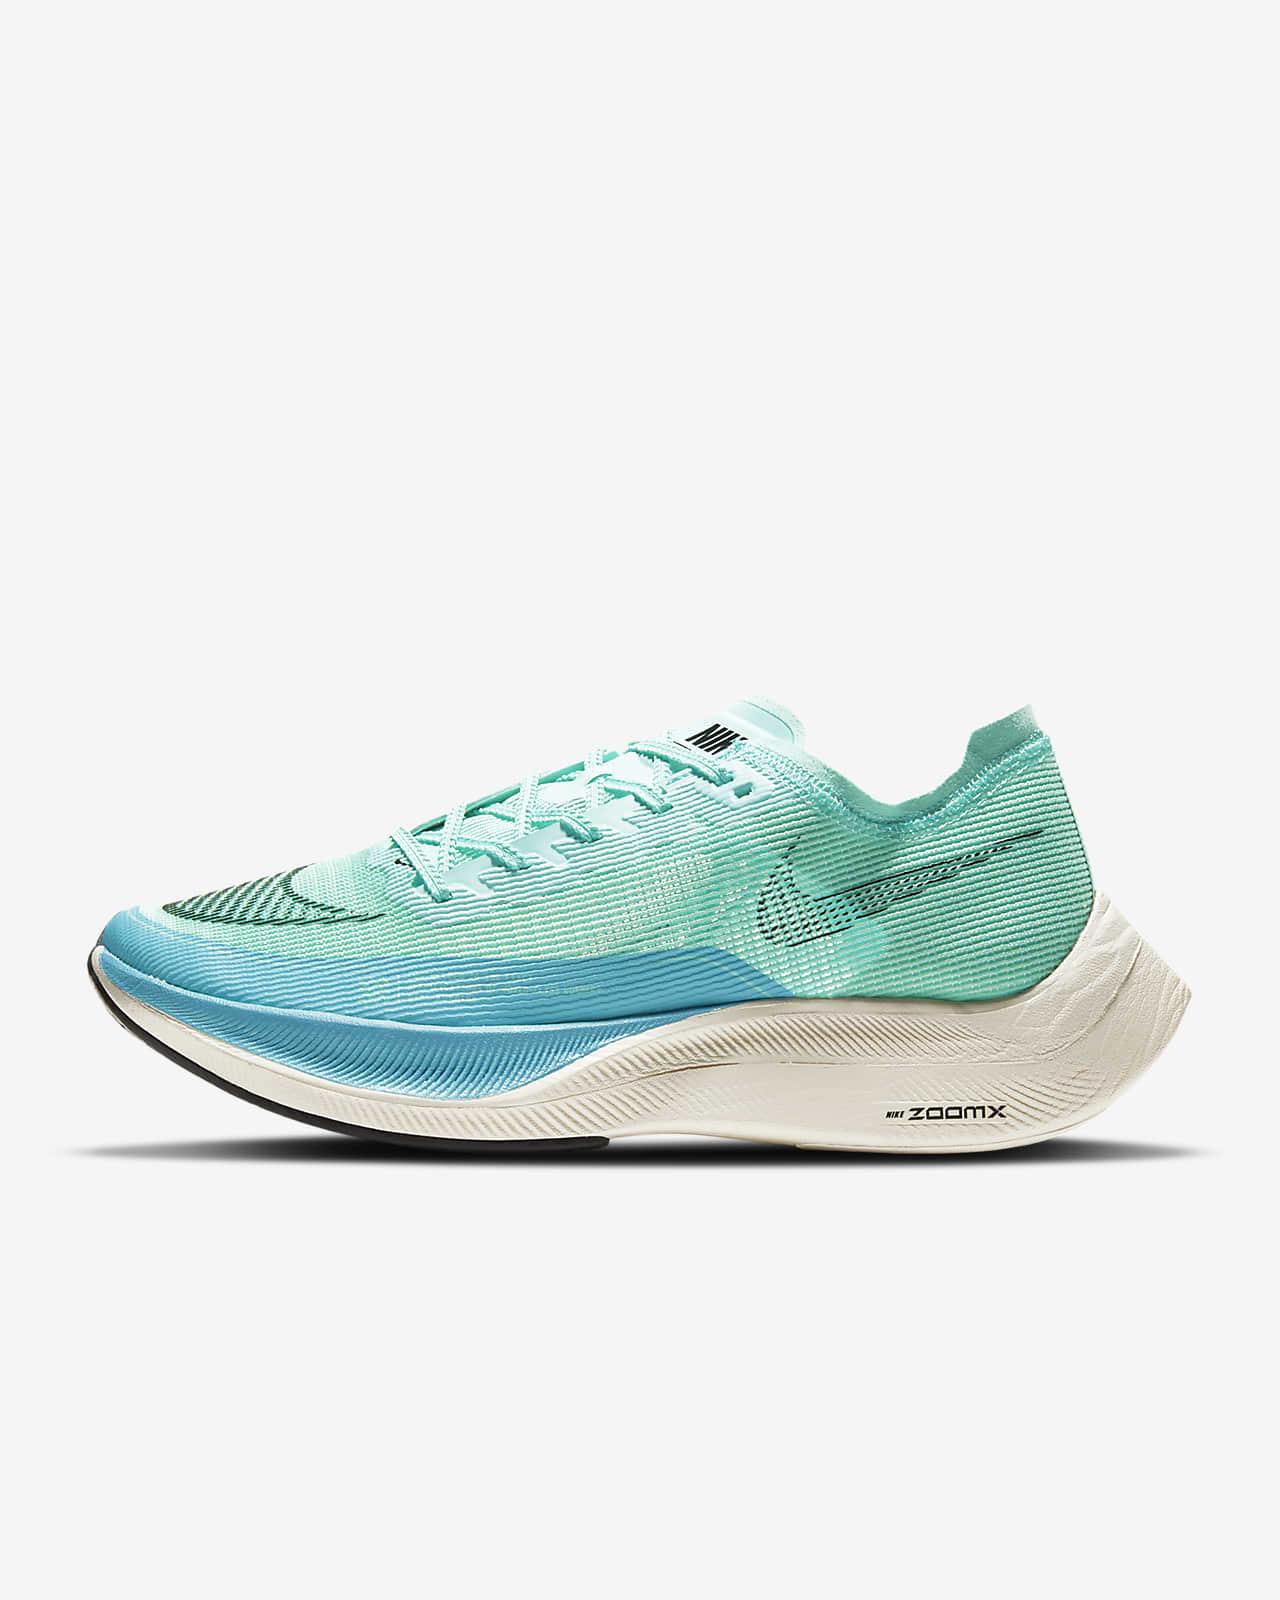 Chaussure de course Nike ZoomX Vaporfly Next% 2 pour Homme